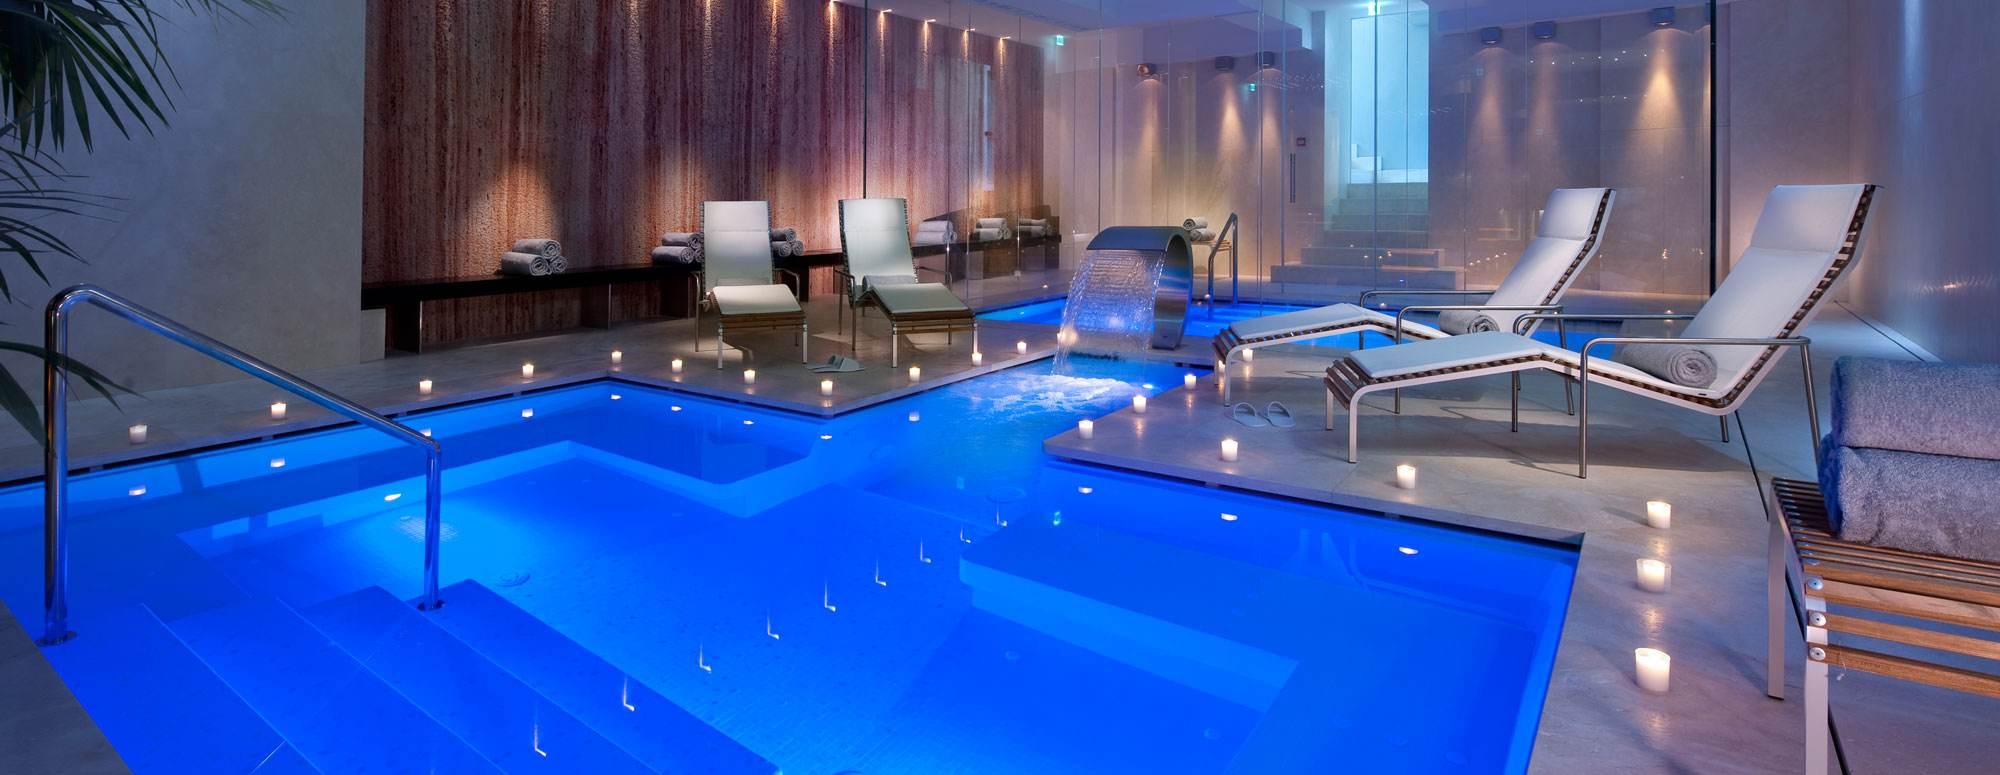 Spa riccione centro benessere in hotel con pacchetti e for Hotel ortigia con spa